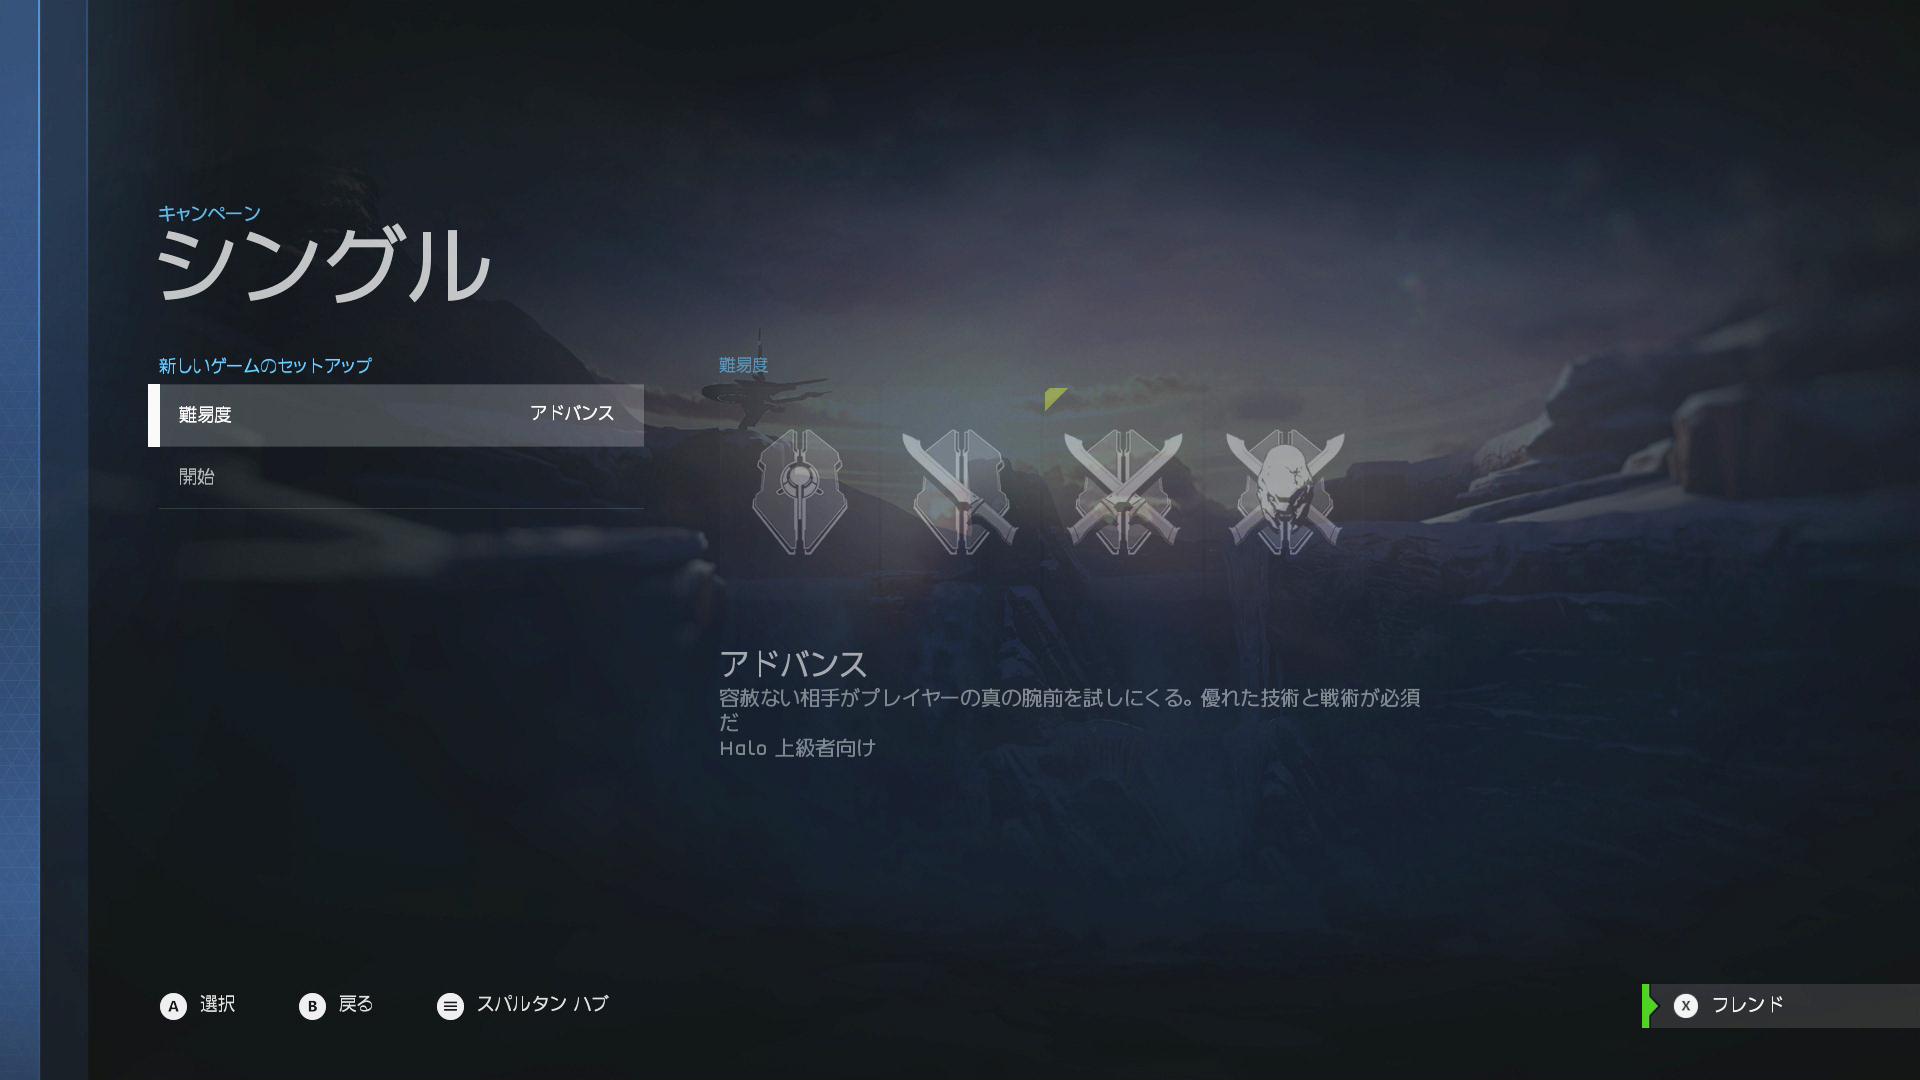 HALO5_01_01.jpg